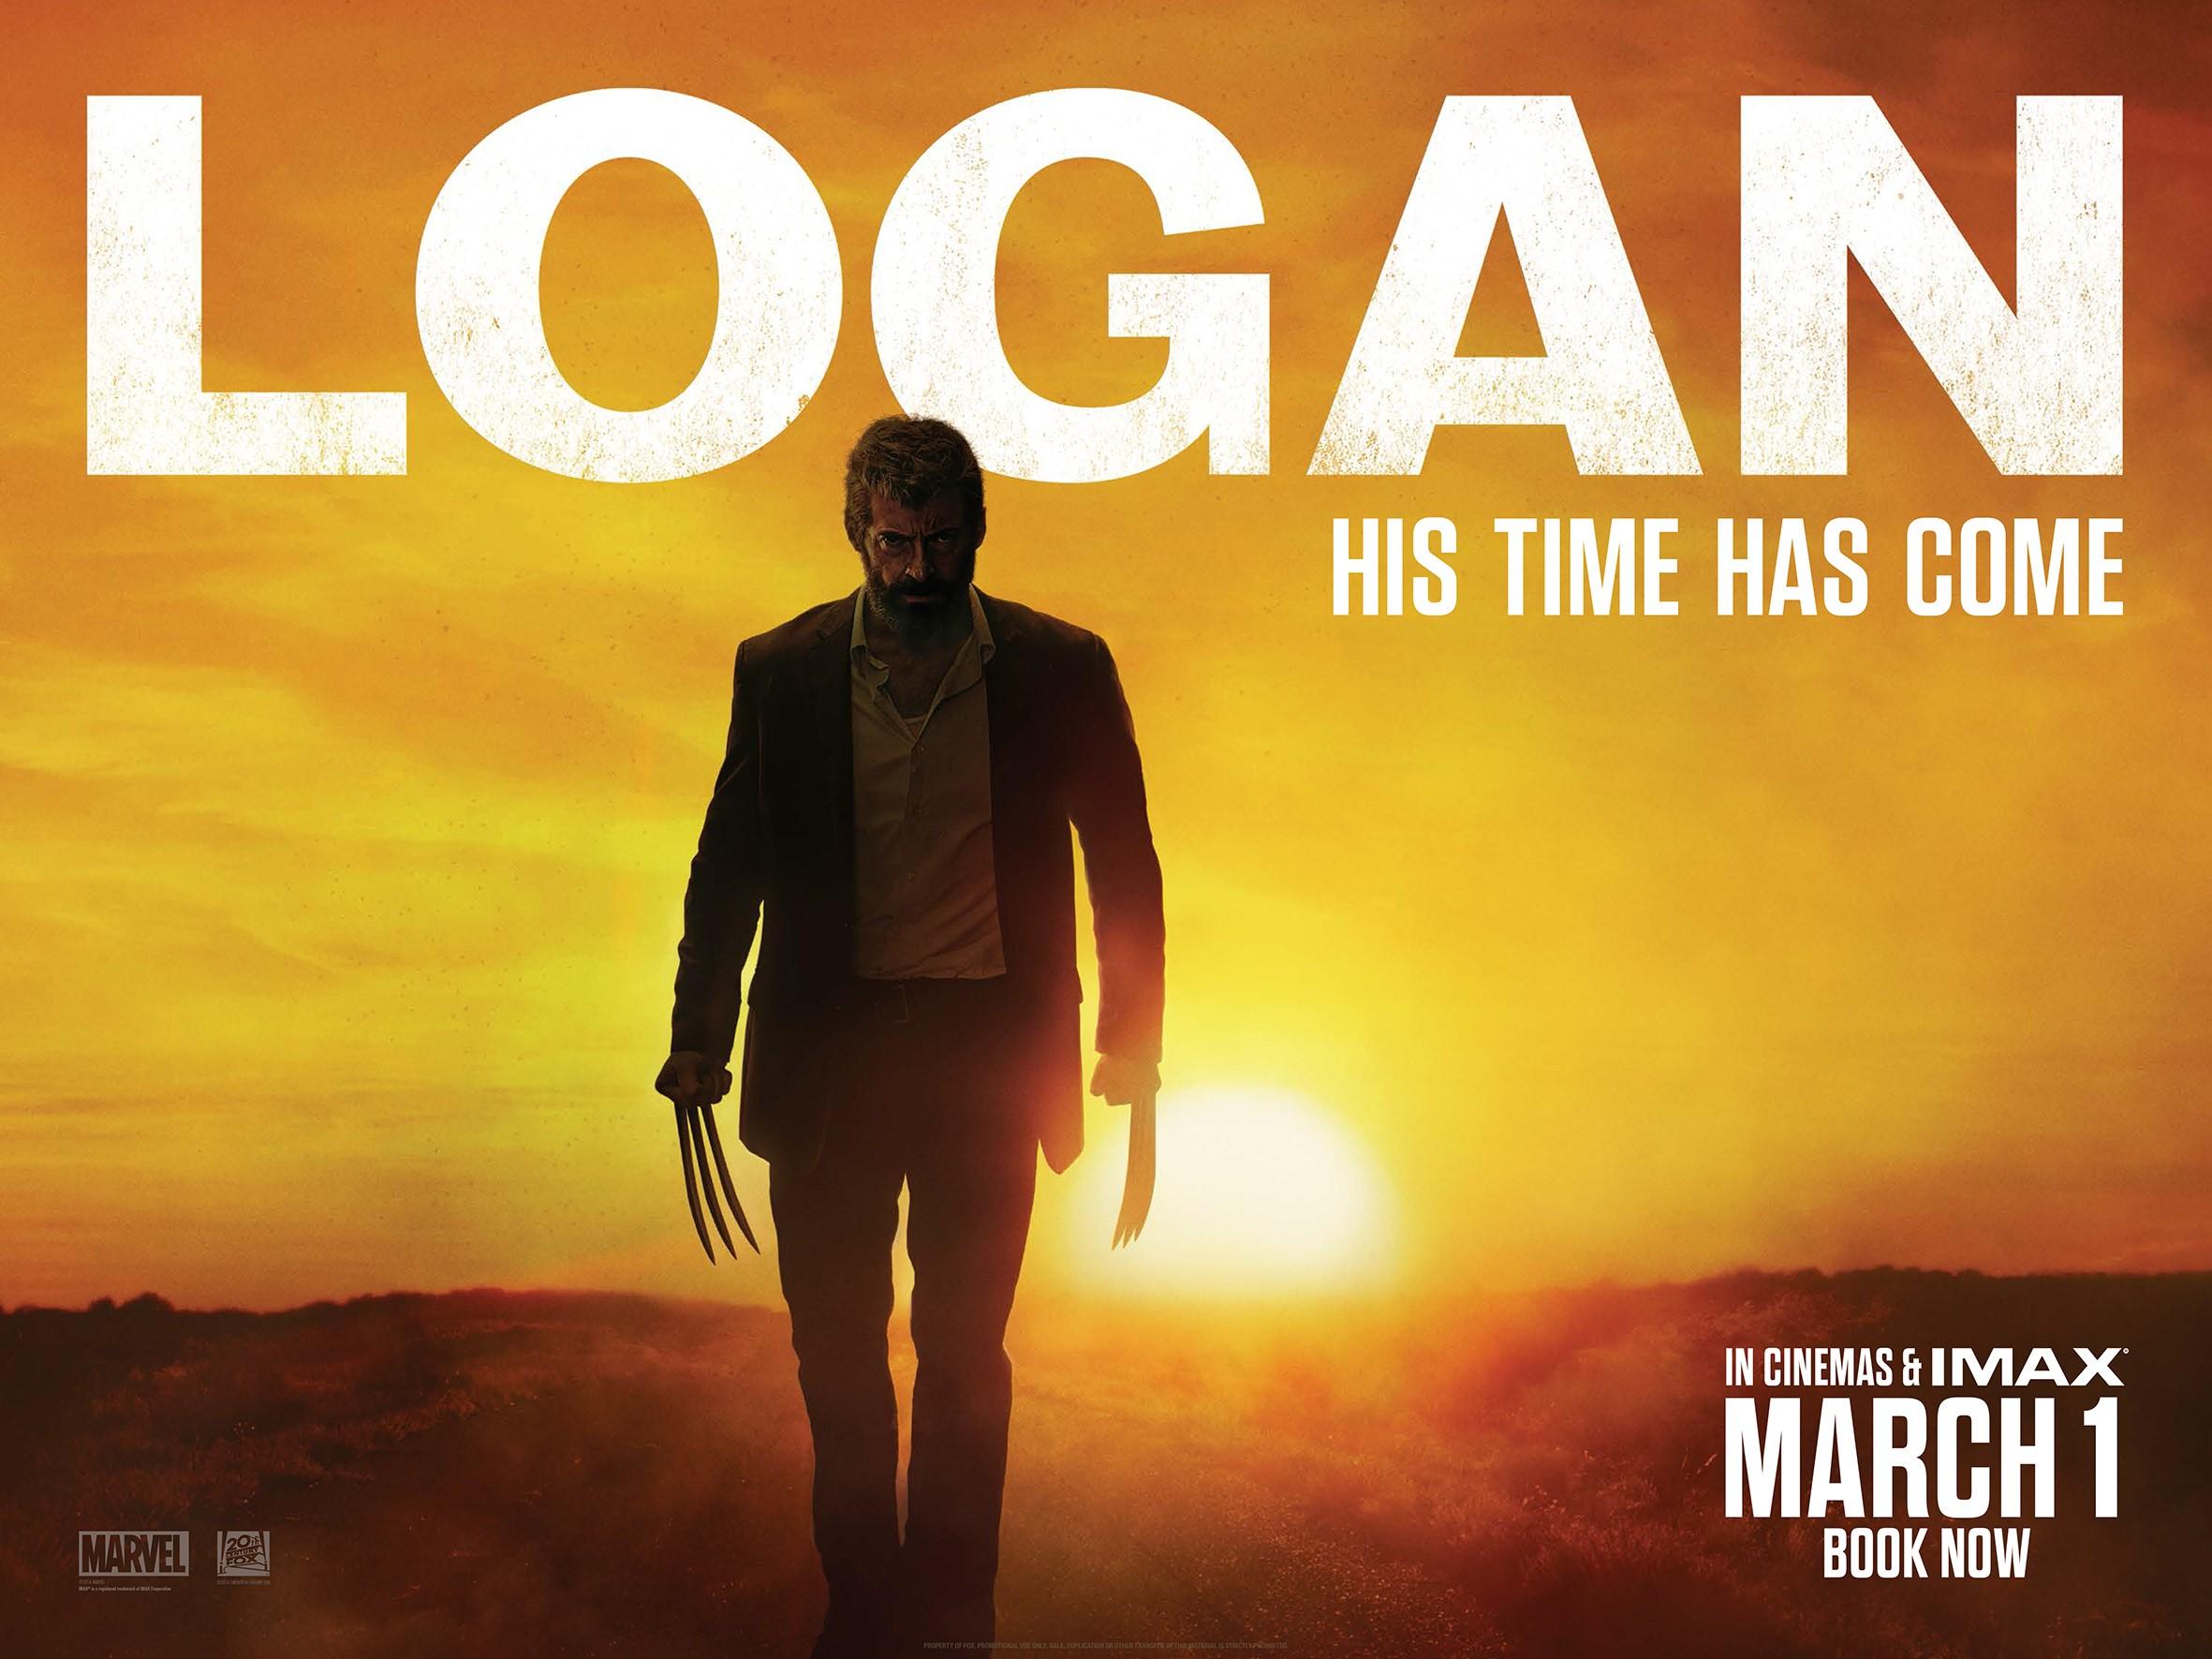 Logan film review post image